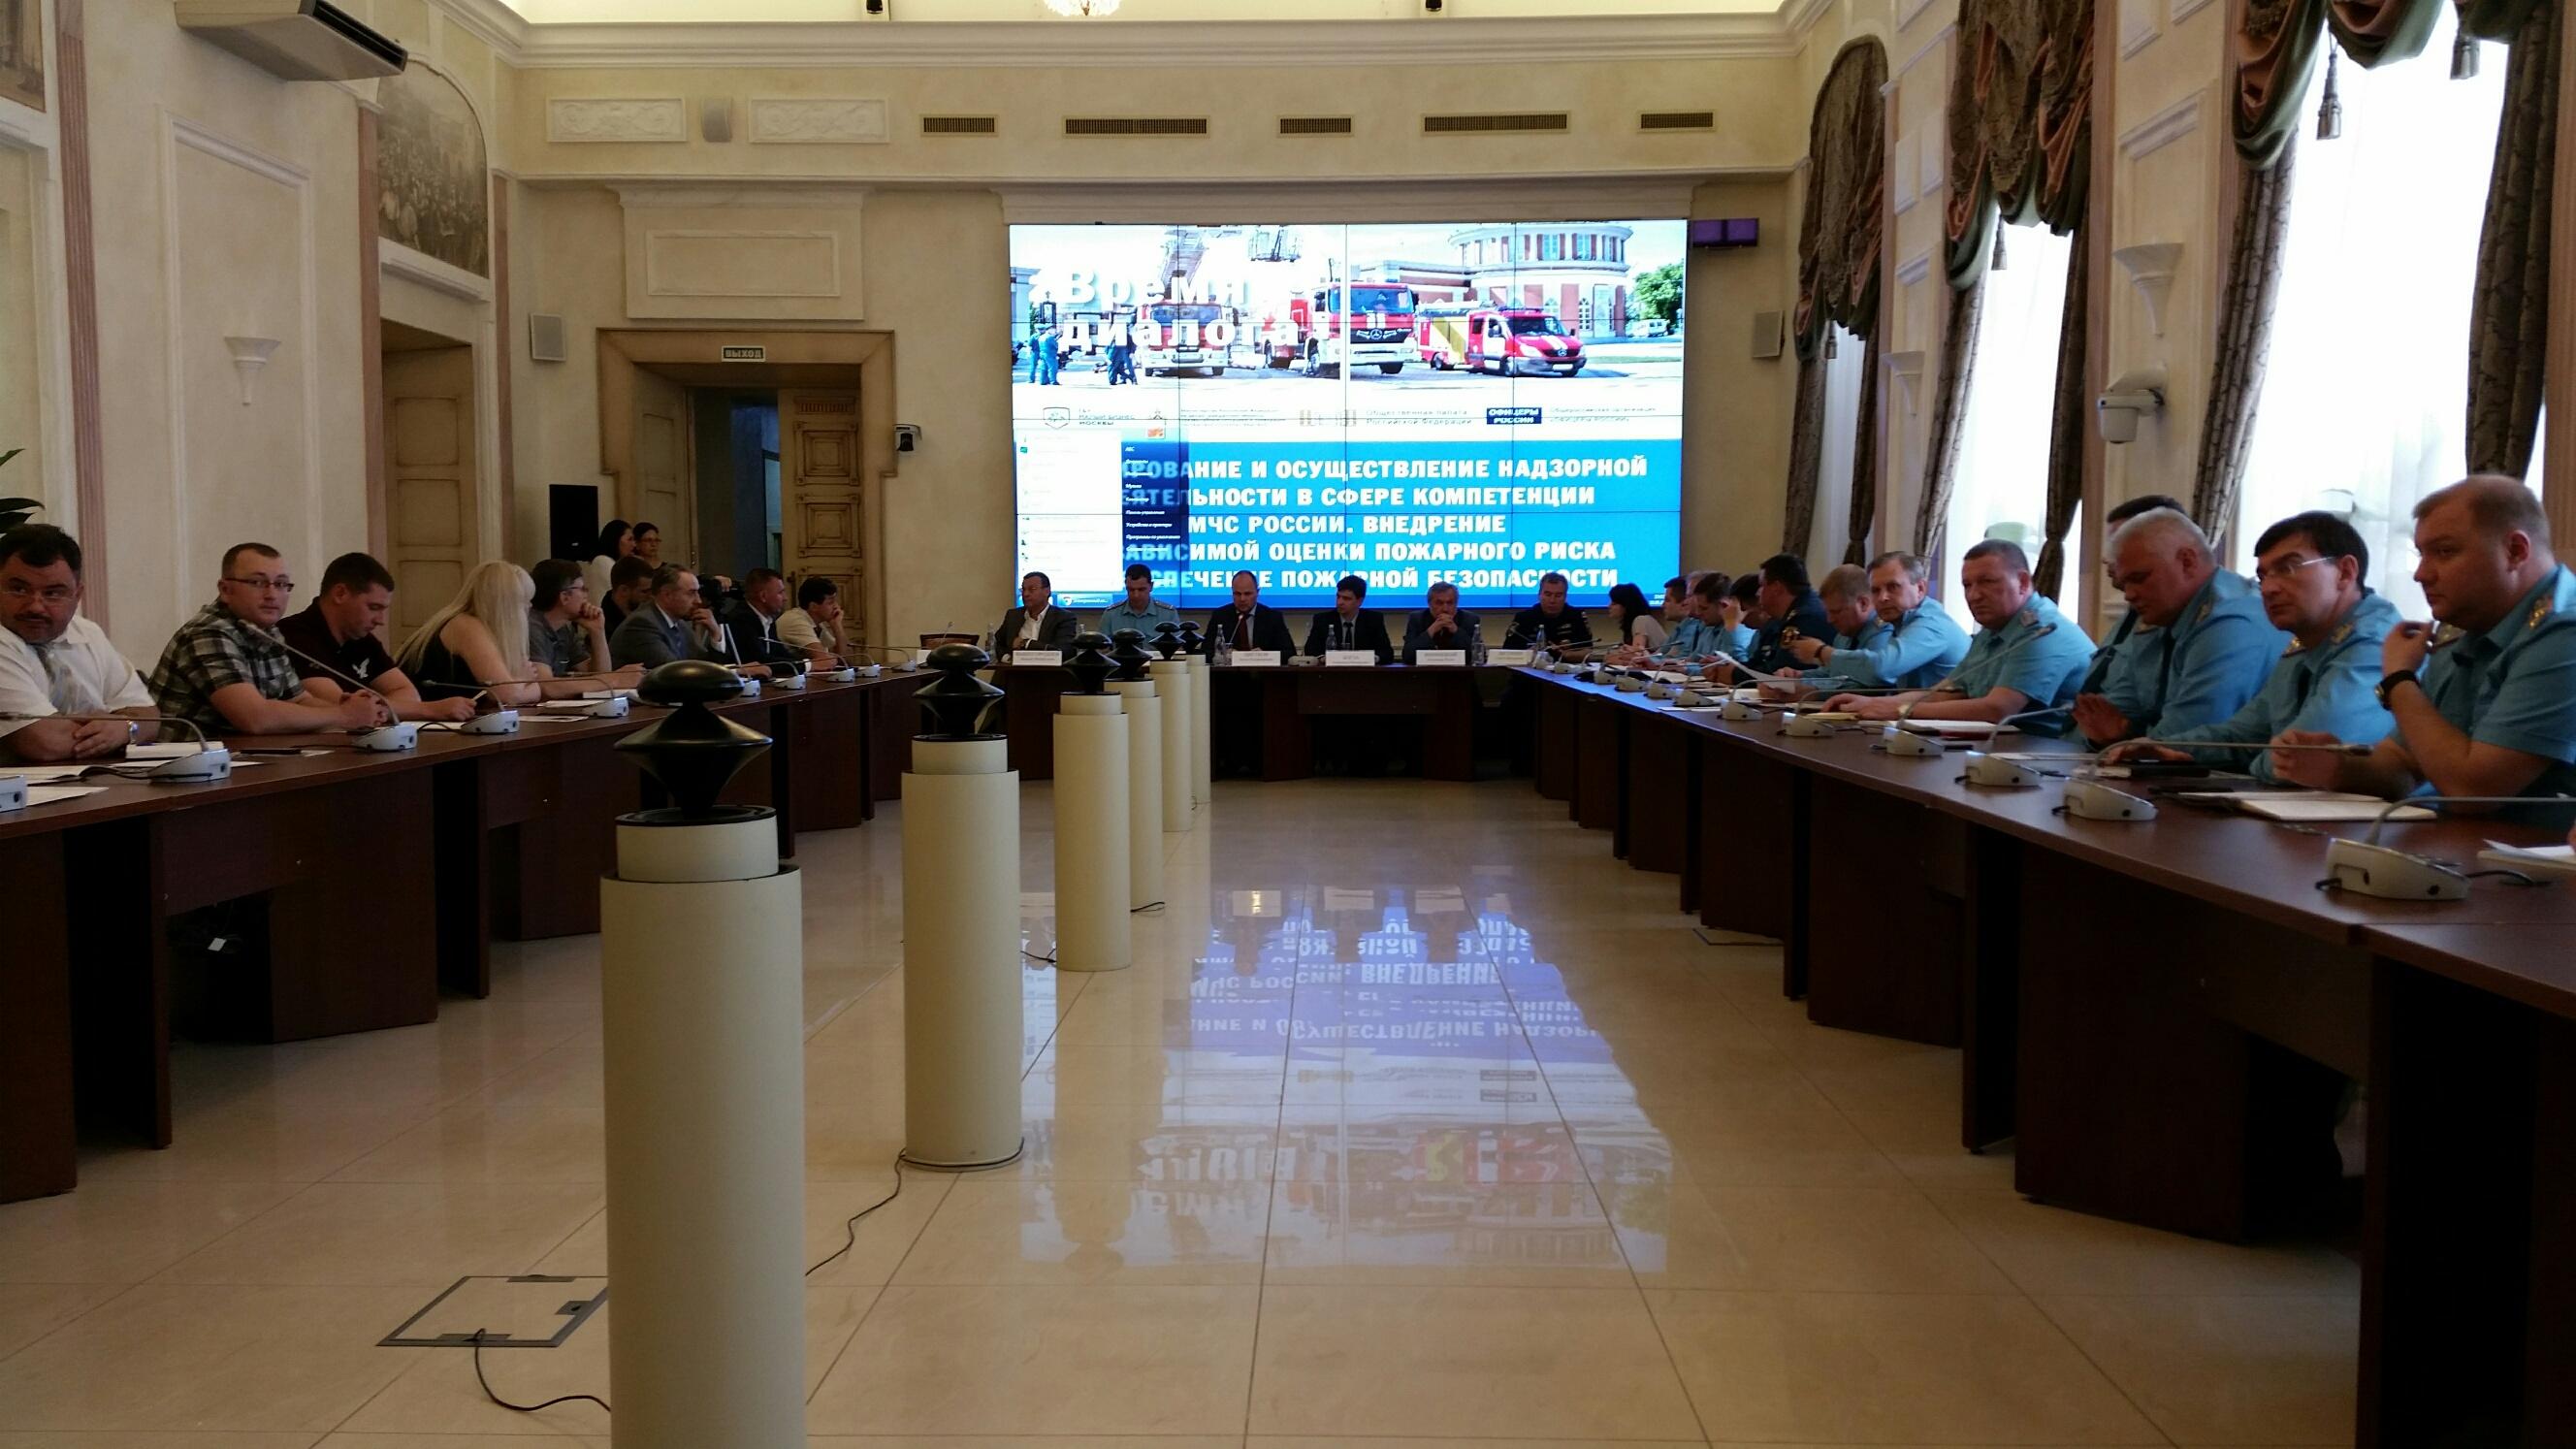 В Общественной палате РФ состоялся круглый стол по вопросам технического регулирования в области пожарной безопасности и защите прав юридических и физических лиц.